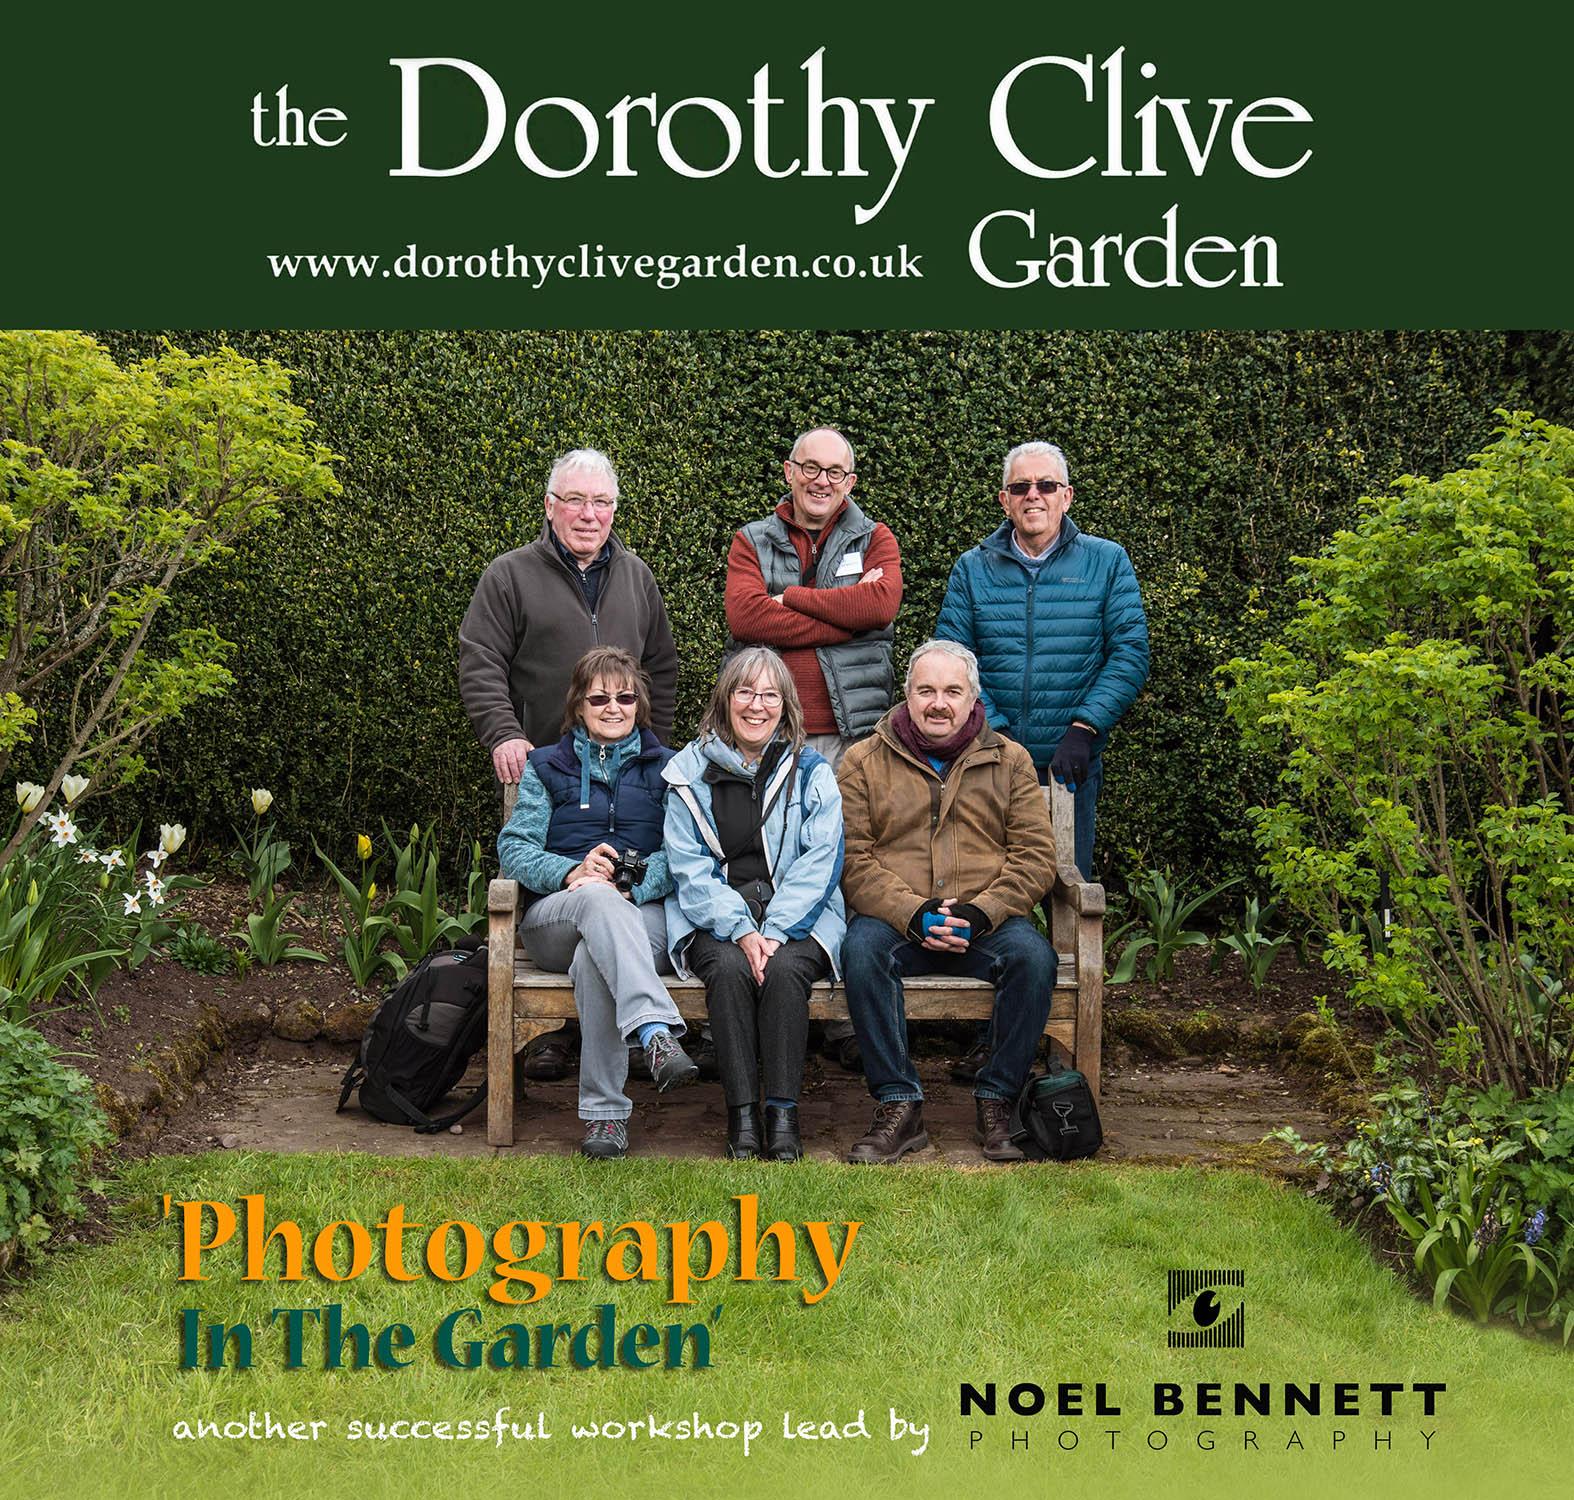 DorothyCliveGarden-workshop.jpg